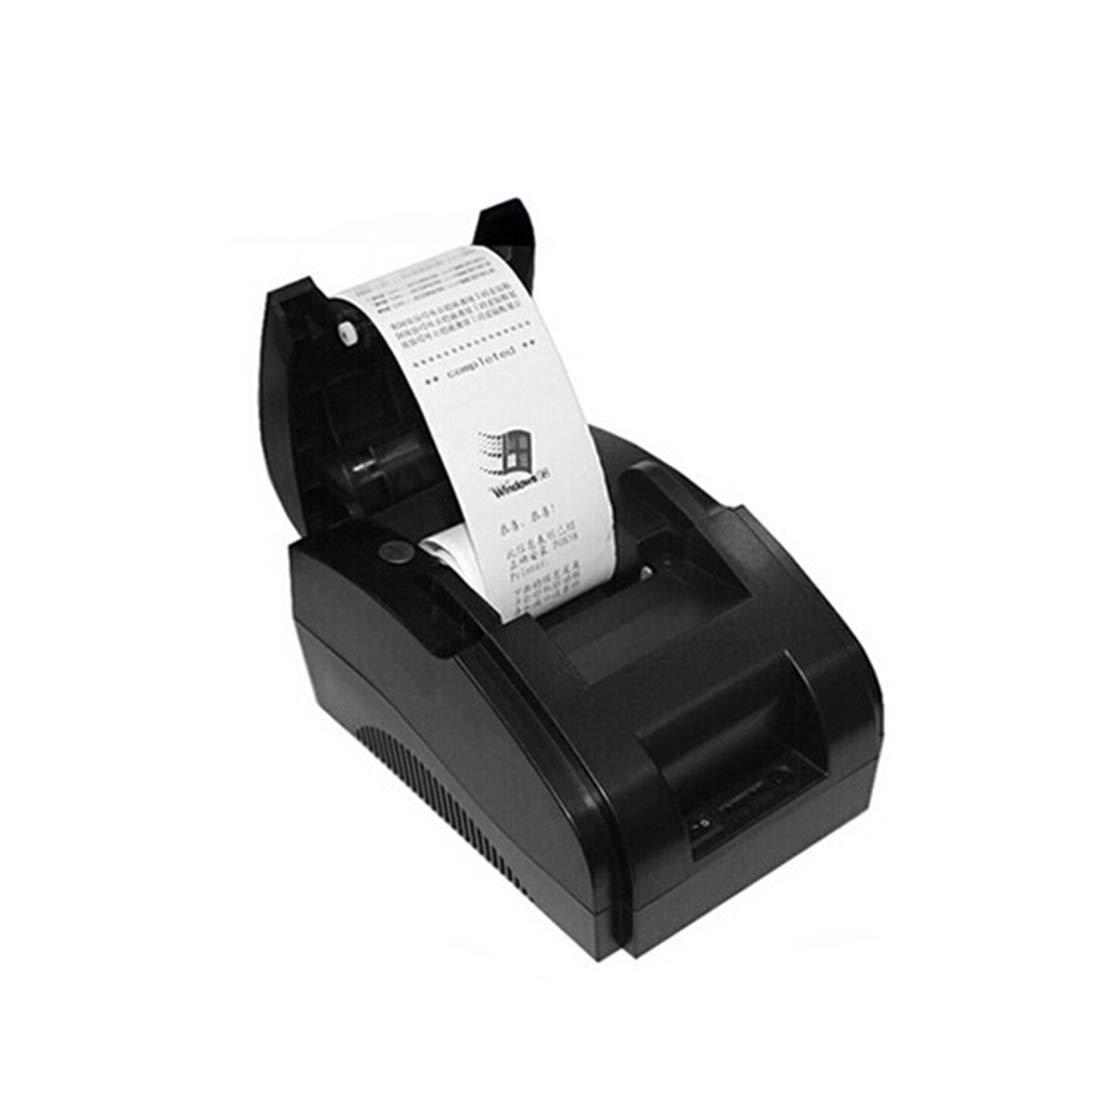 Impresora térmica inalámbrica, Bluetooth 58mm portátil USB ...